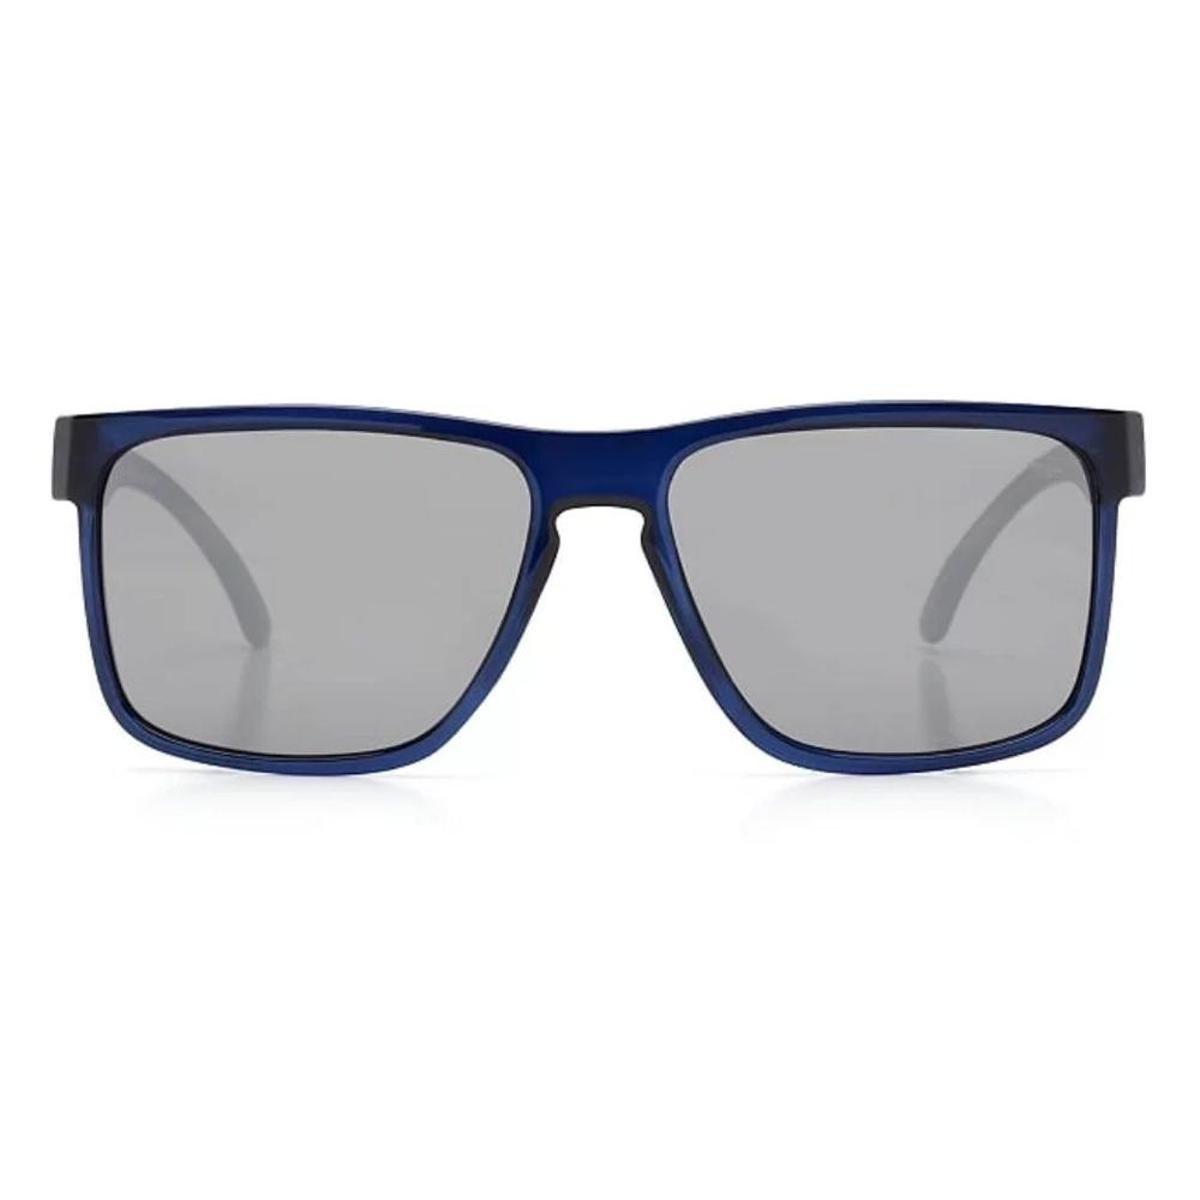 Óculos De Sol Mormaii Monterey - Azul - Compre Agora   Zattini 4b73d58a49